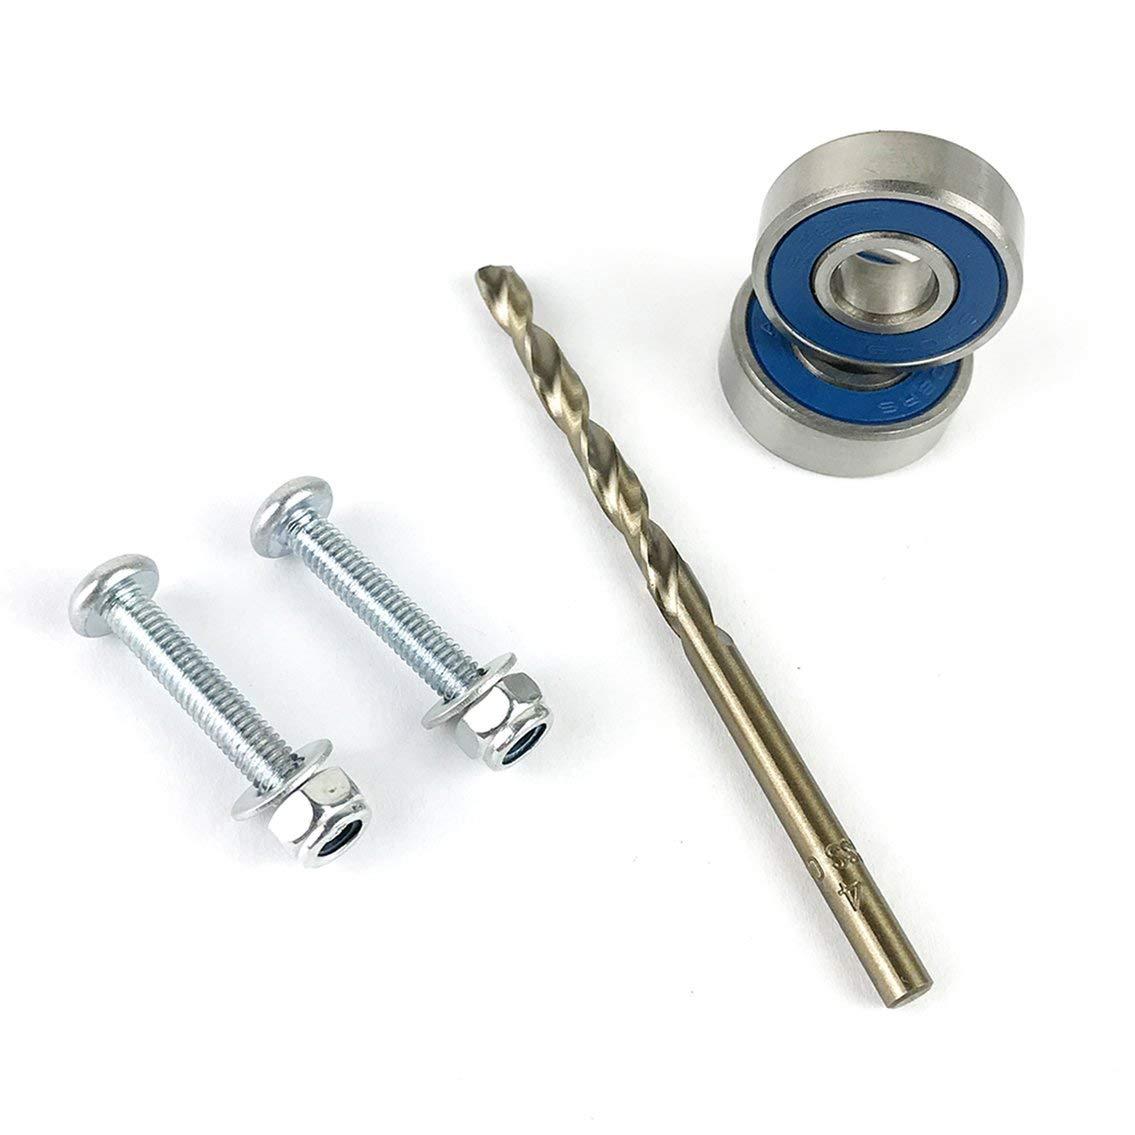 ... del limpiaparabrisas Kit de reparación de cojinetes Herramienta ajustada Renault Grand Scenic Repair Tool (plateado y azul): Amazon.es: Electrónica